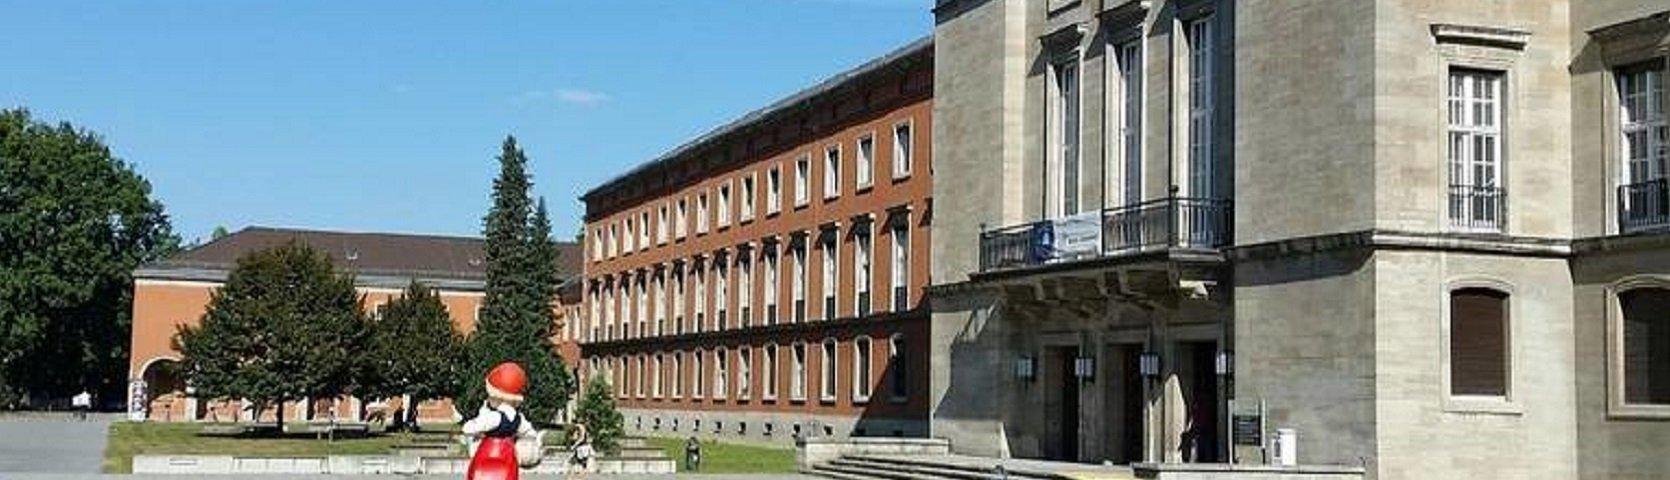 UP Transfer GmbH an der Universität Potsdam